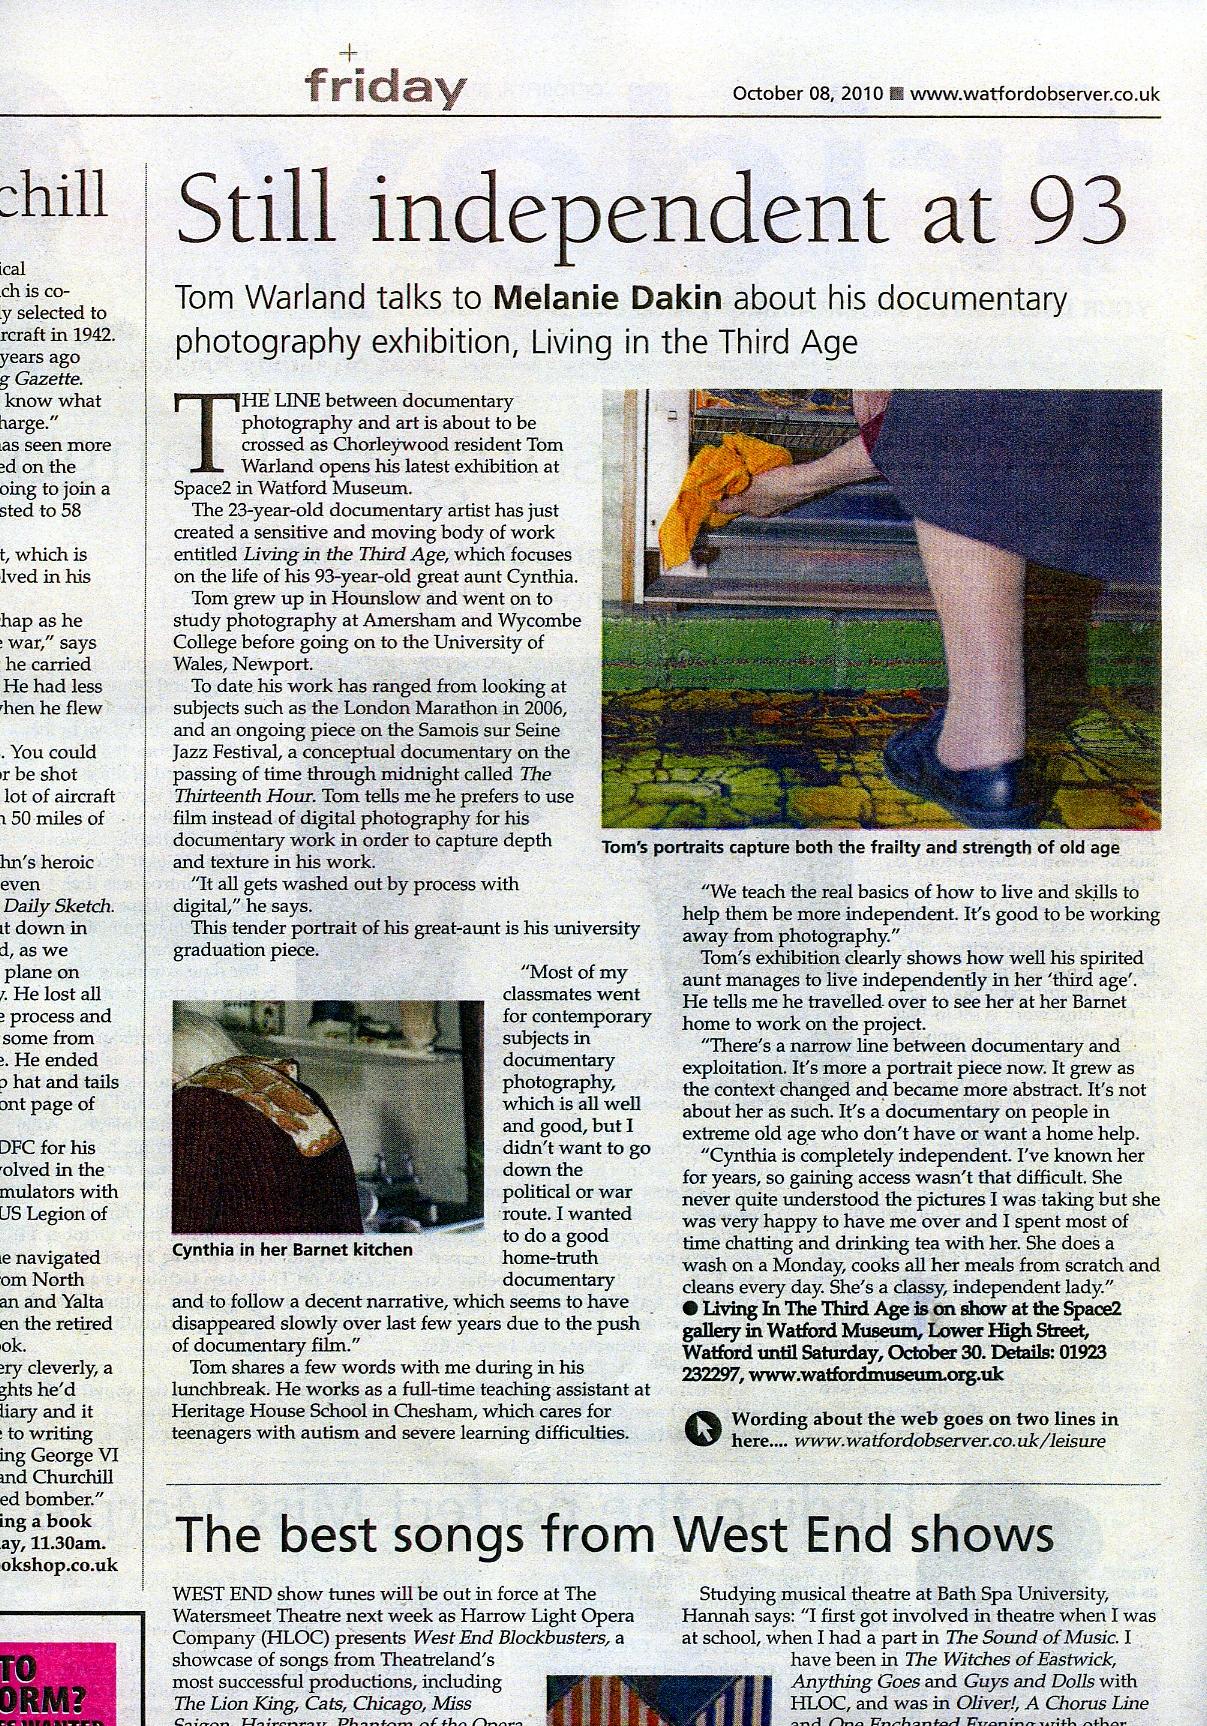 Watford Observer, 8th October 2010